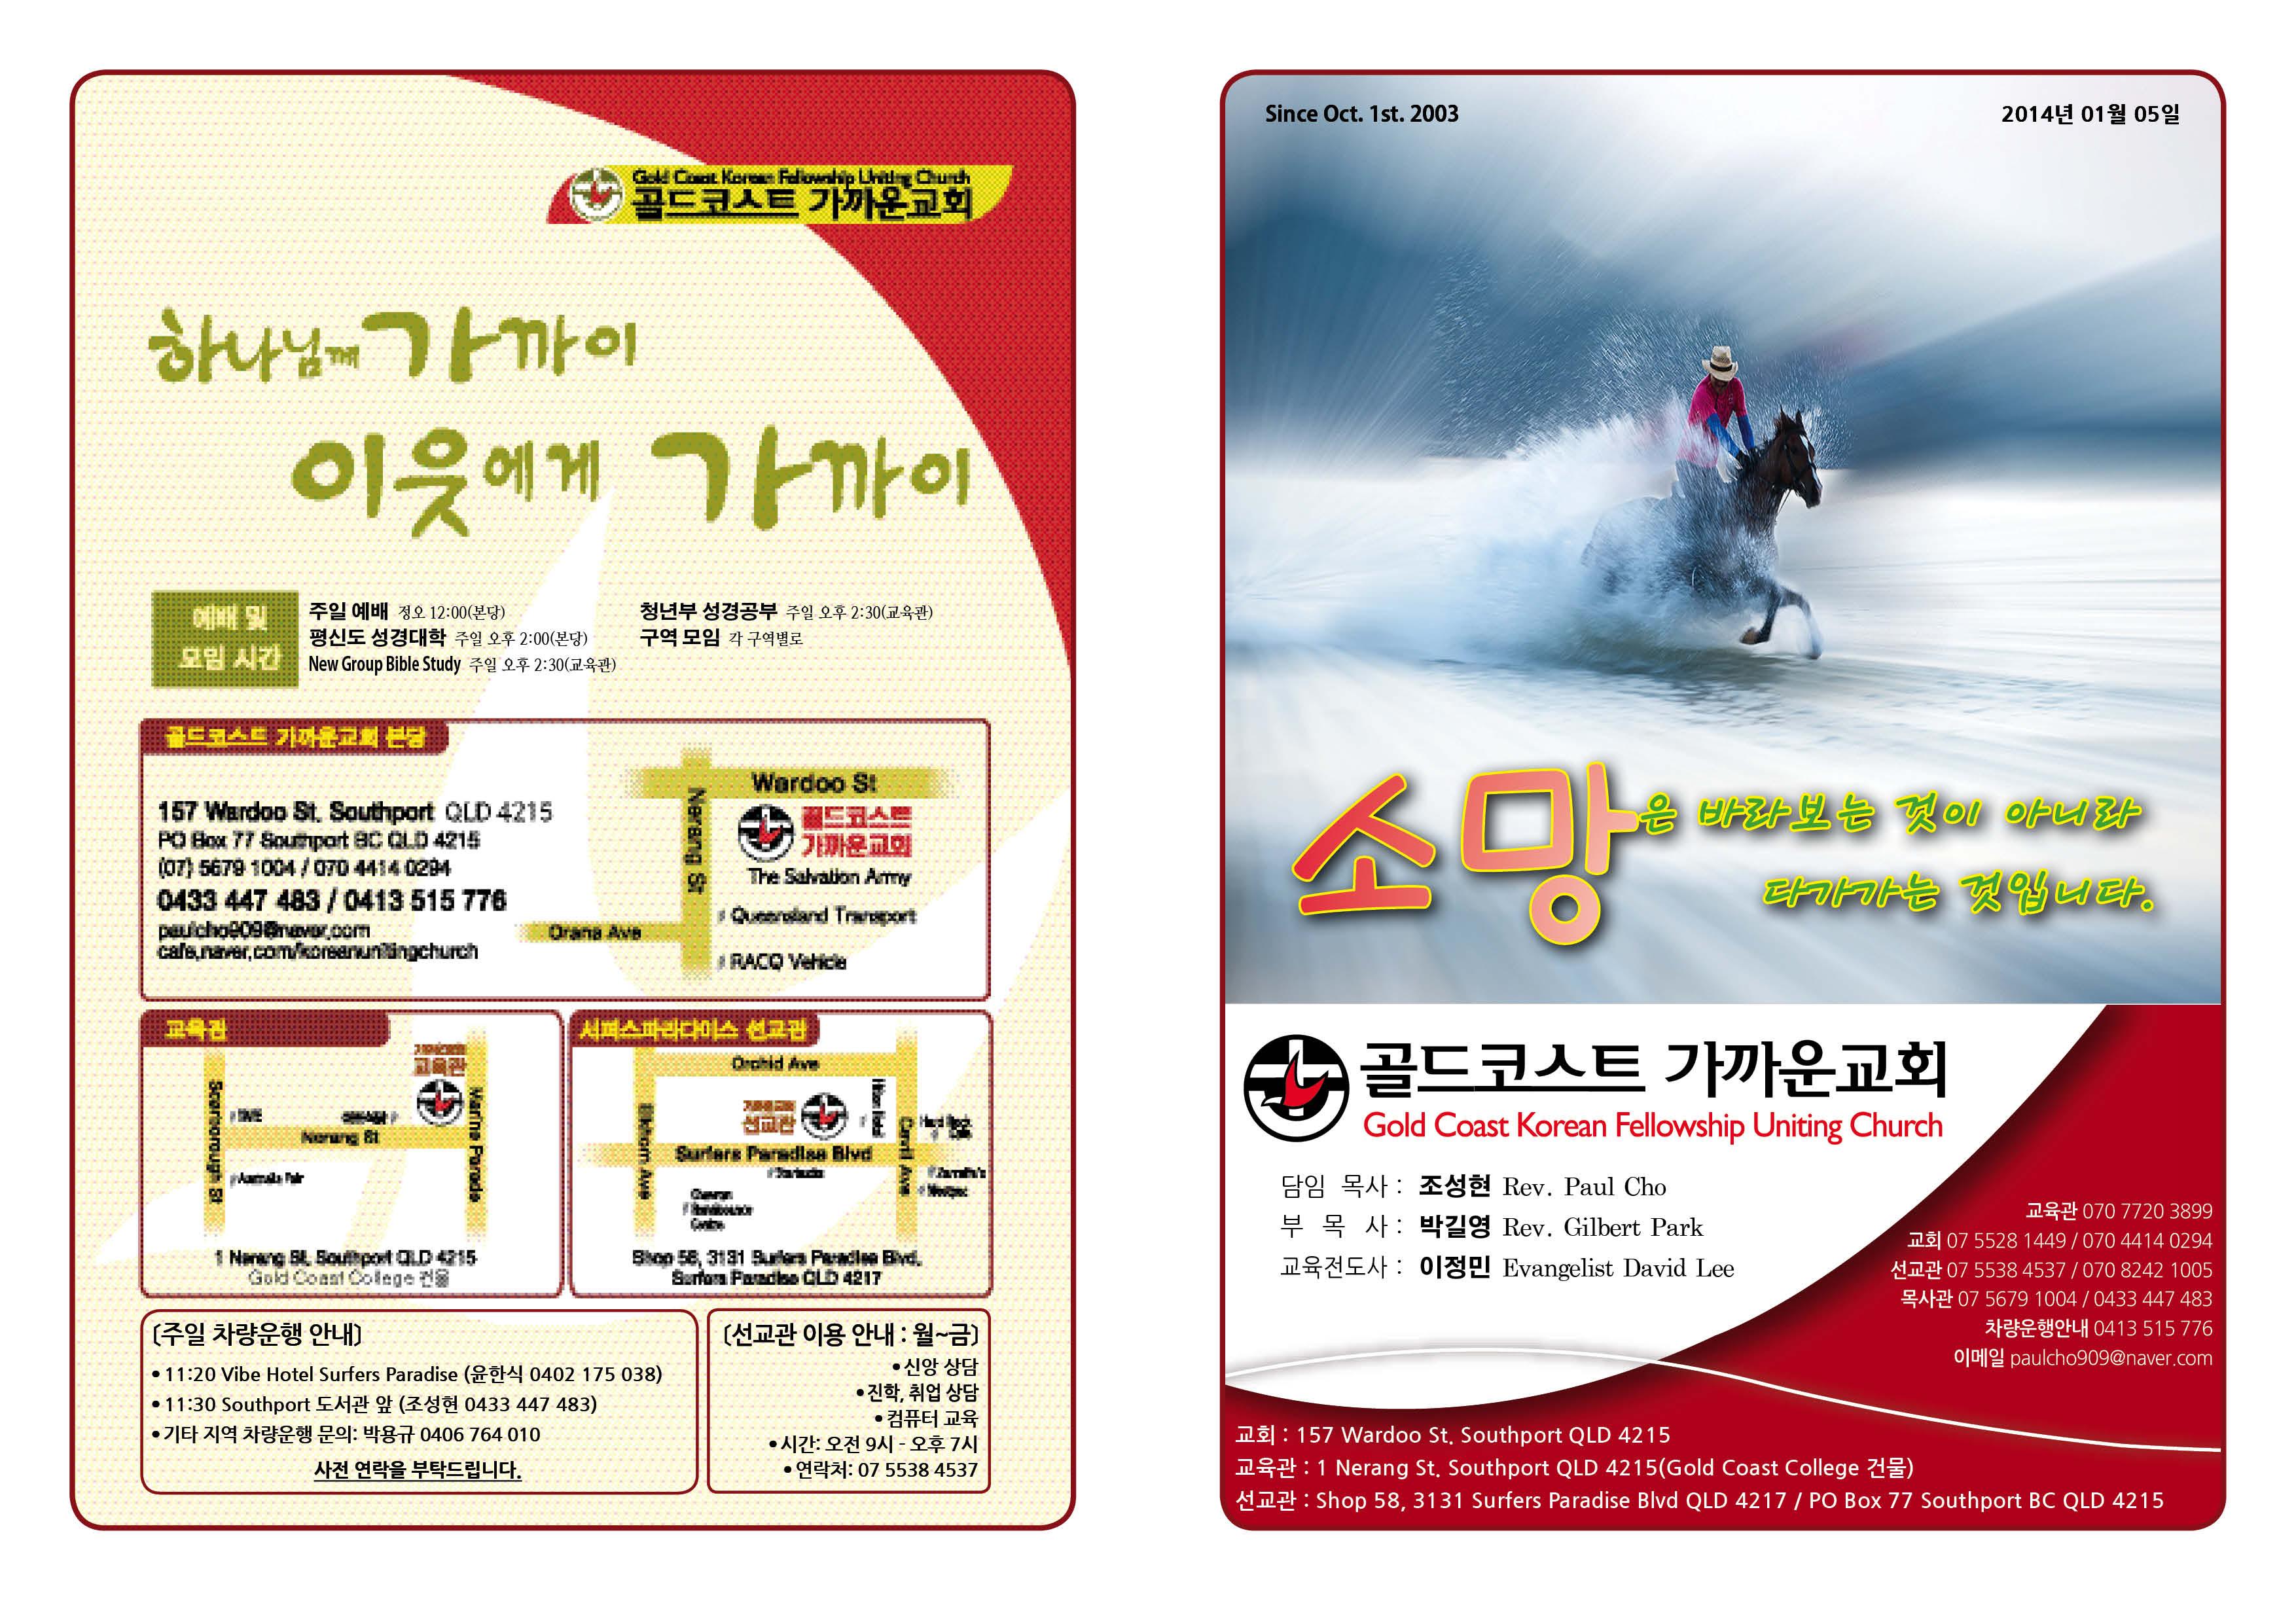 2014.01.05 주보 프린트(2차 수정).jpg